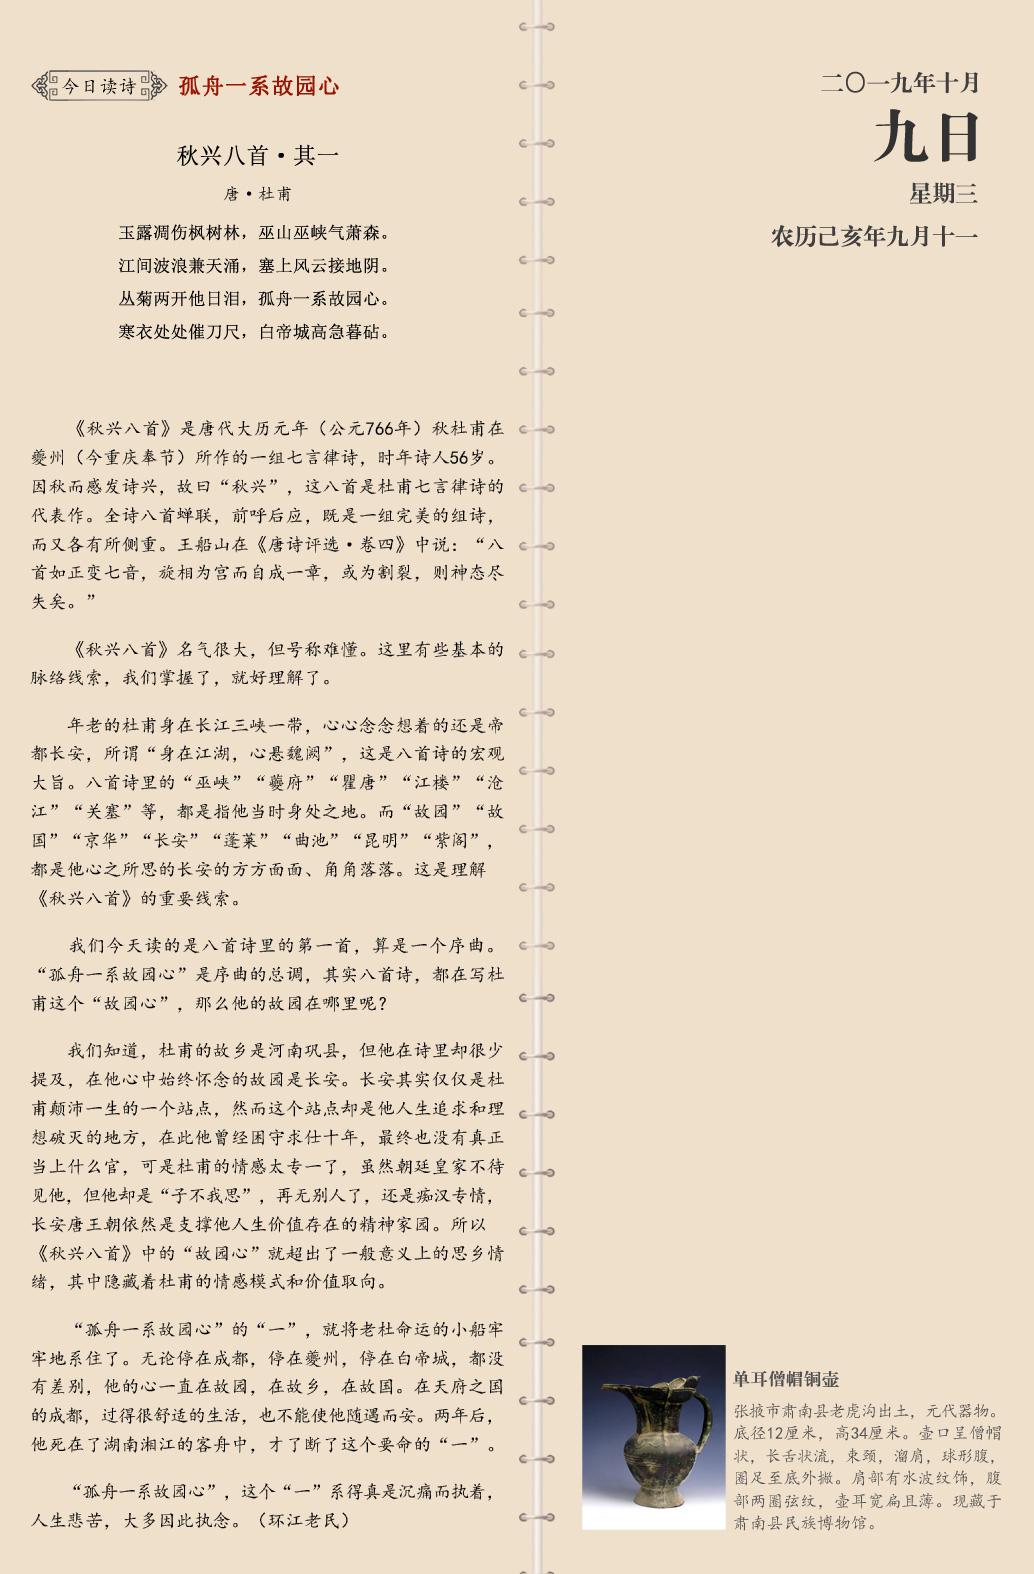 【清风诗历】今日读诗:孤舟一系故园心